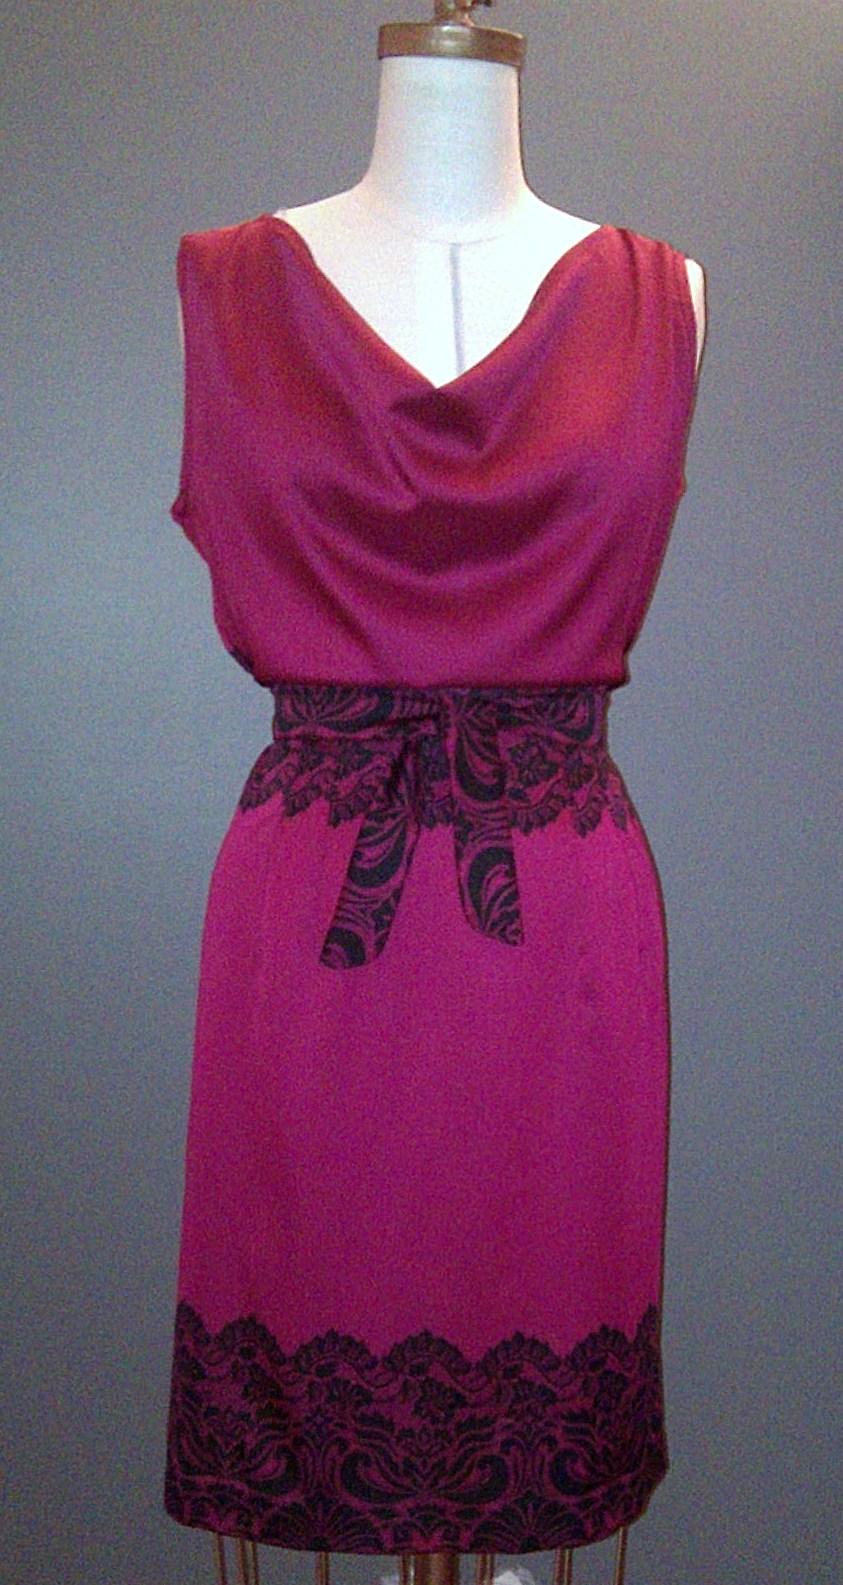 Jianel maison de couture robe cerise - Robe de maison simple ...